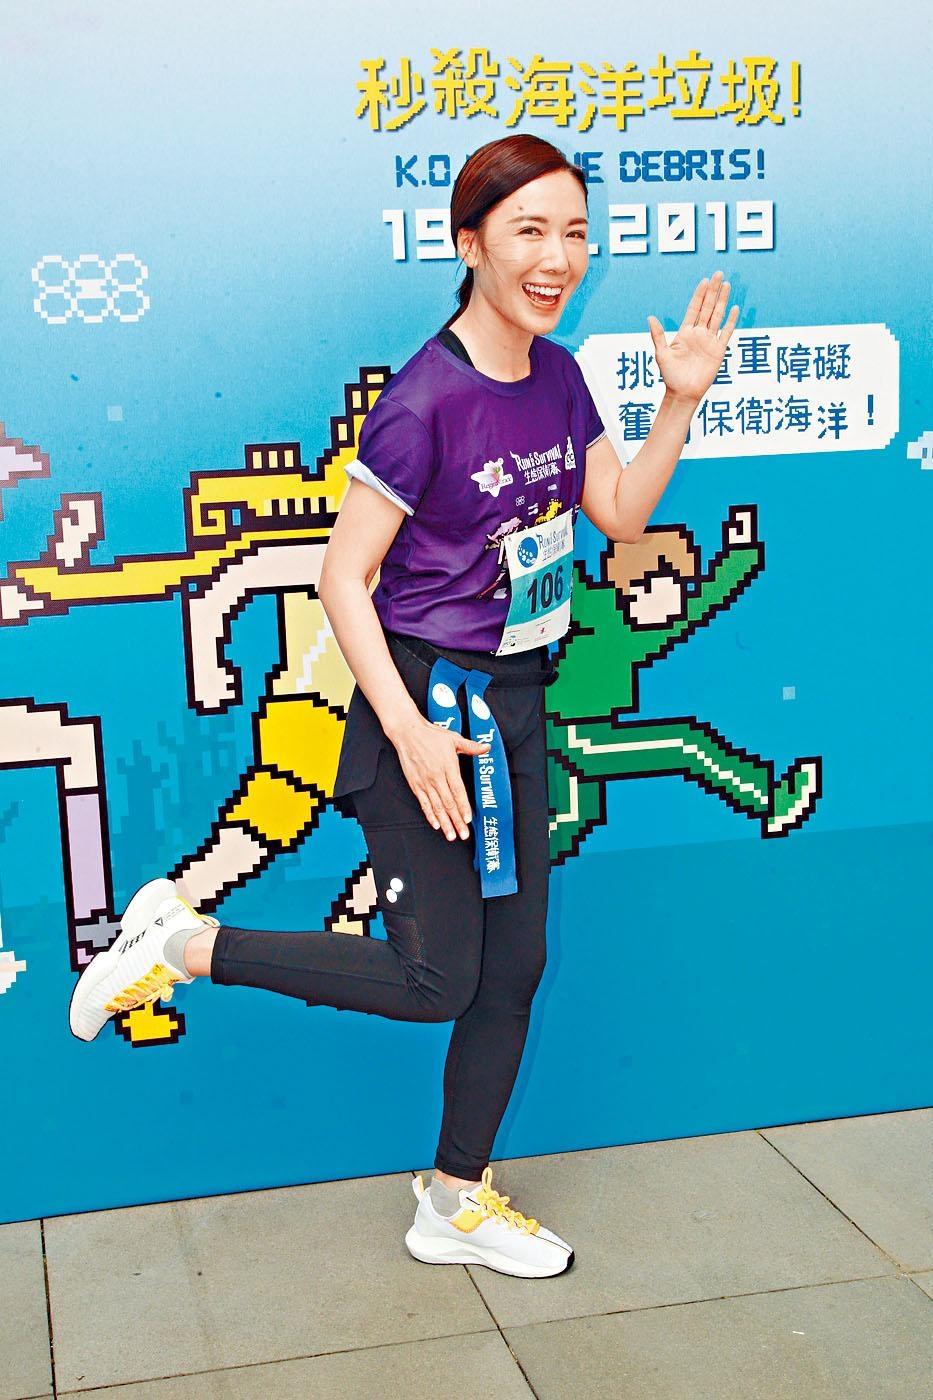 李施嬅參與3公里的慈善跑賽事。